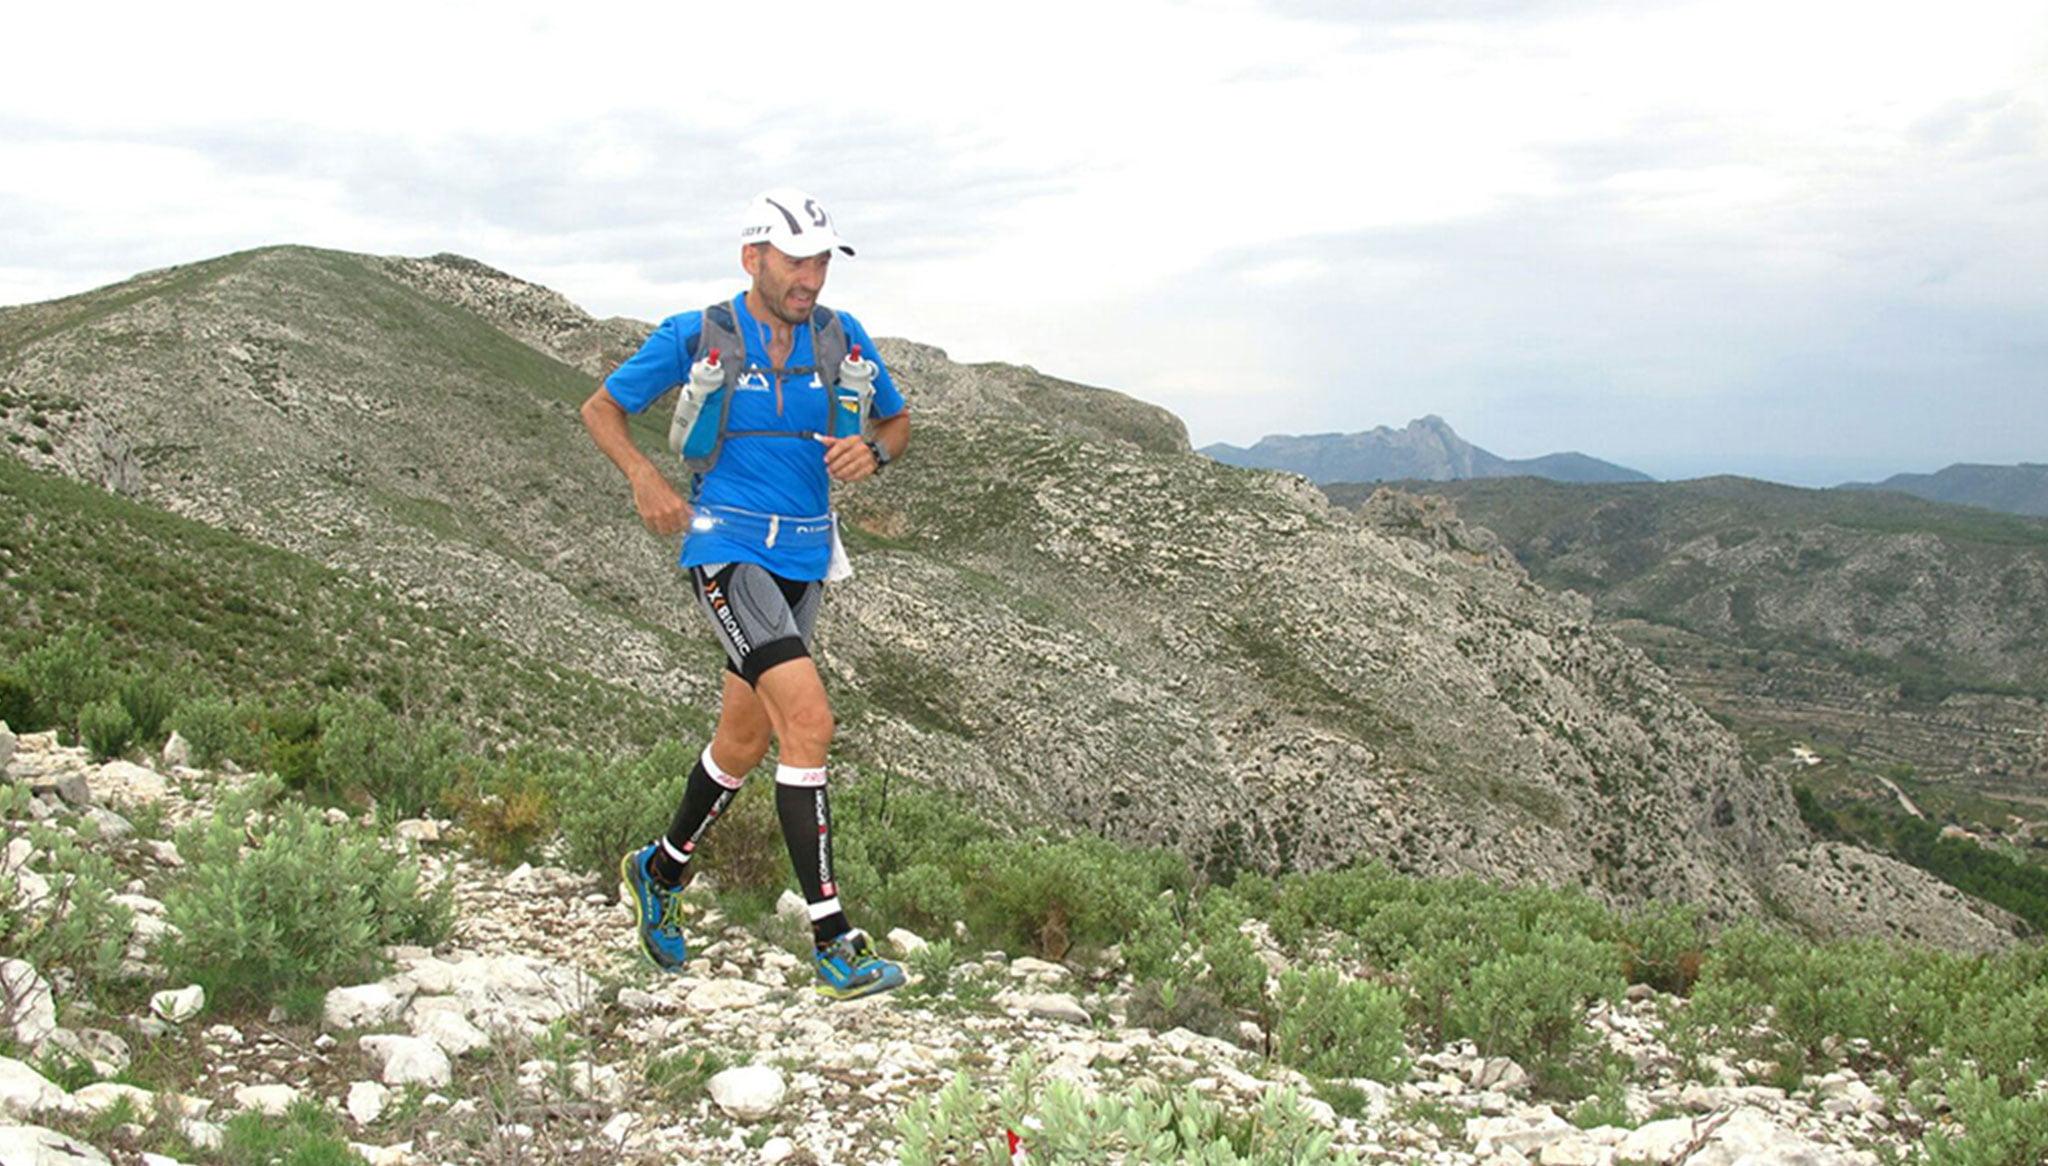 Тони Эррера, спортсмен, который улучшил свою физическую форму с Bfit